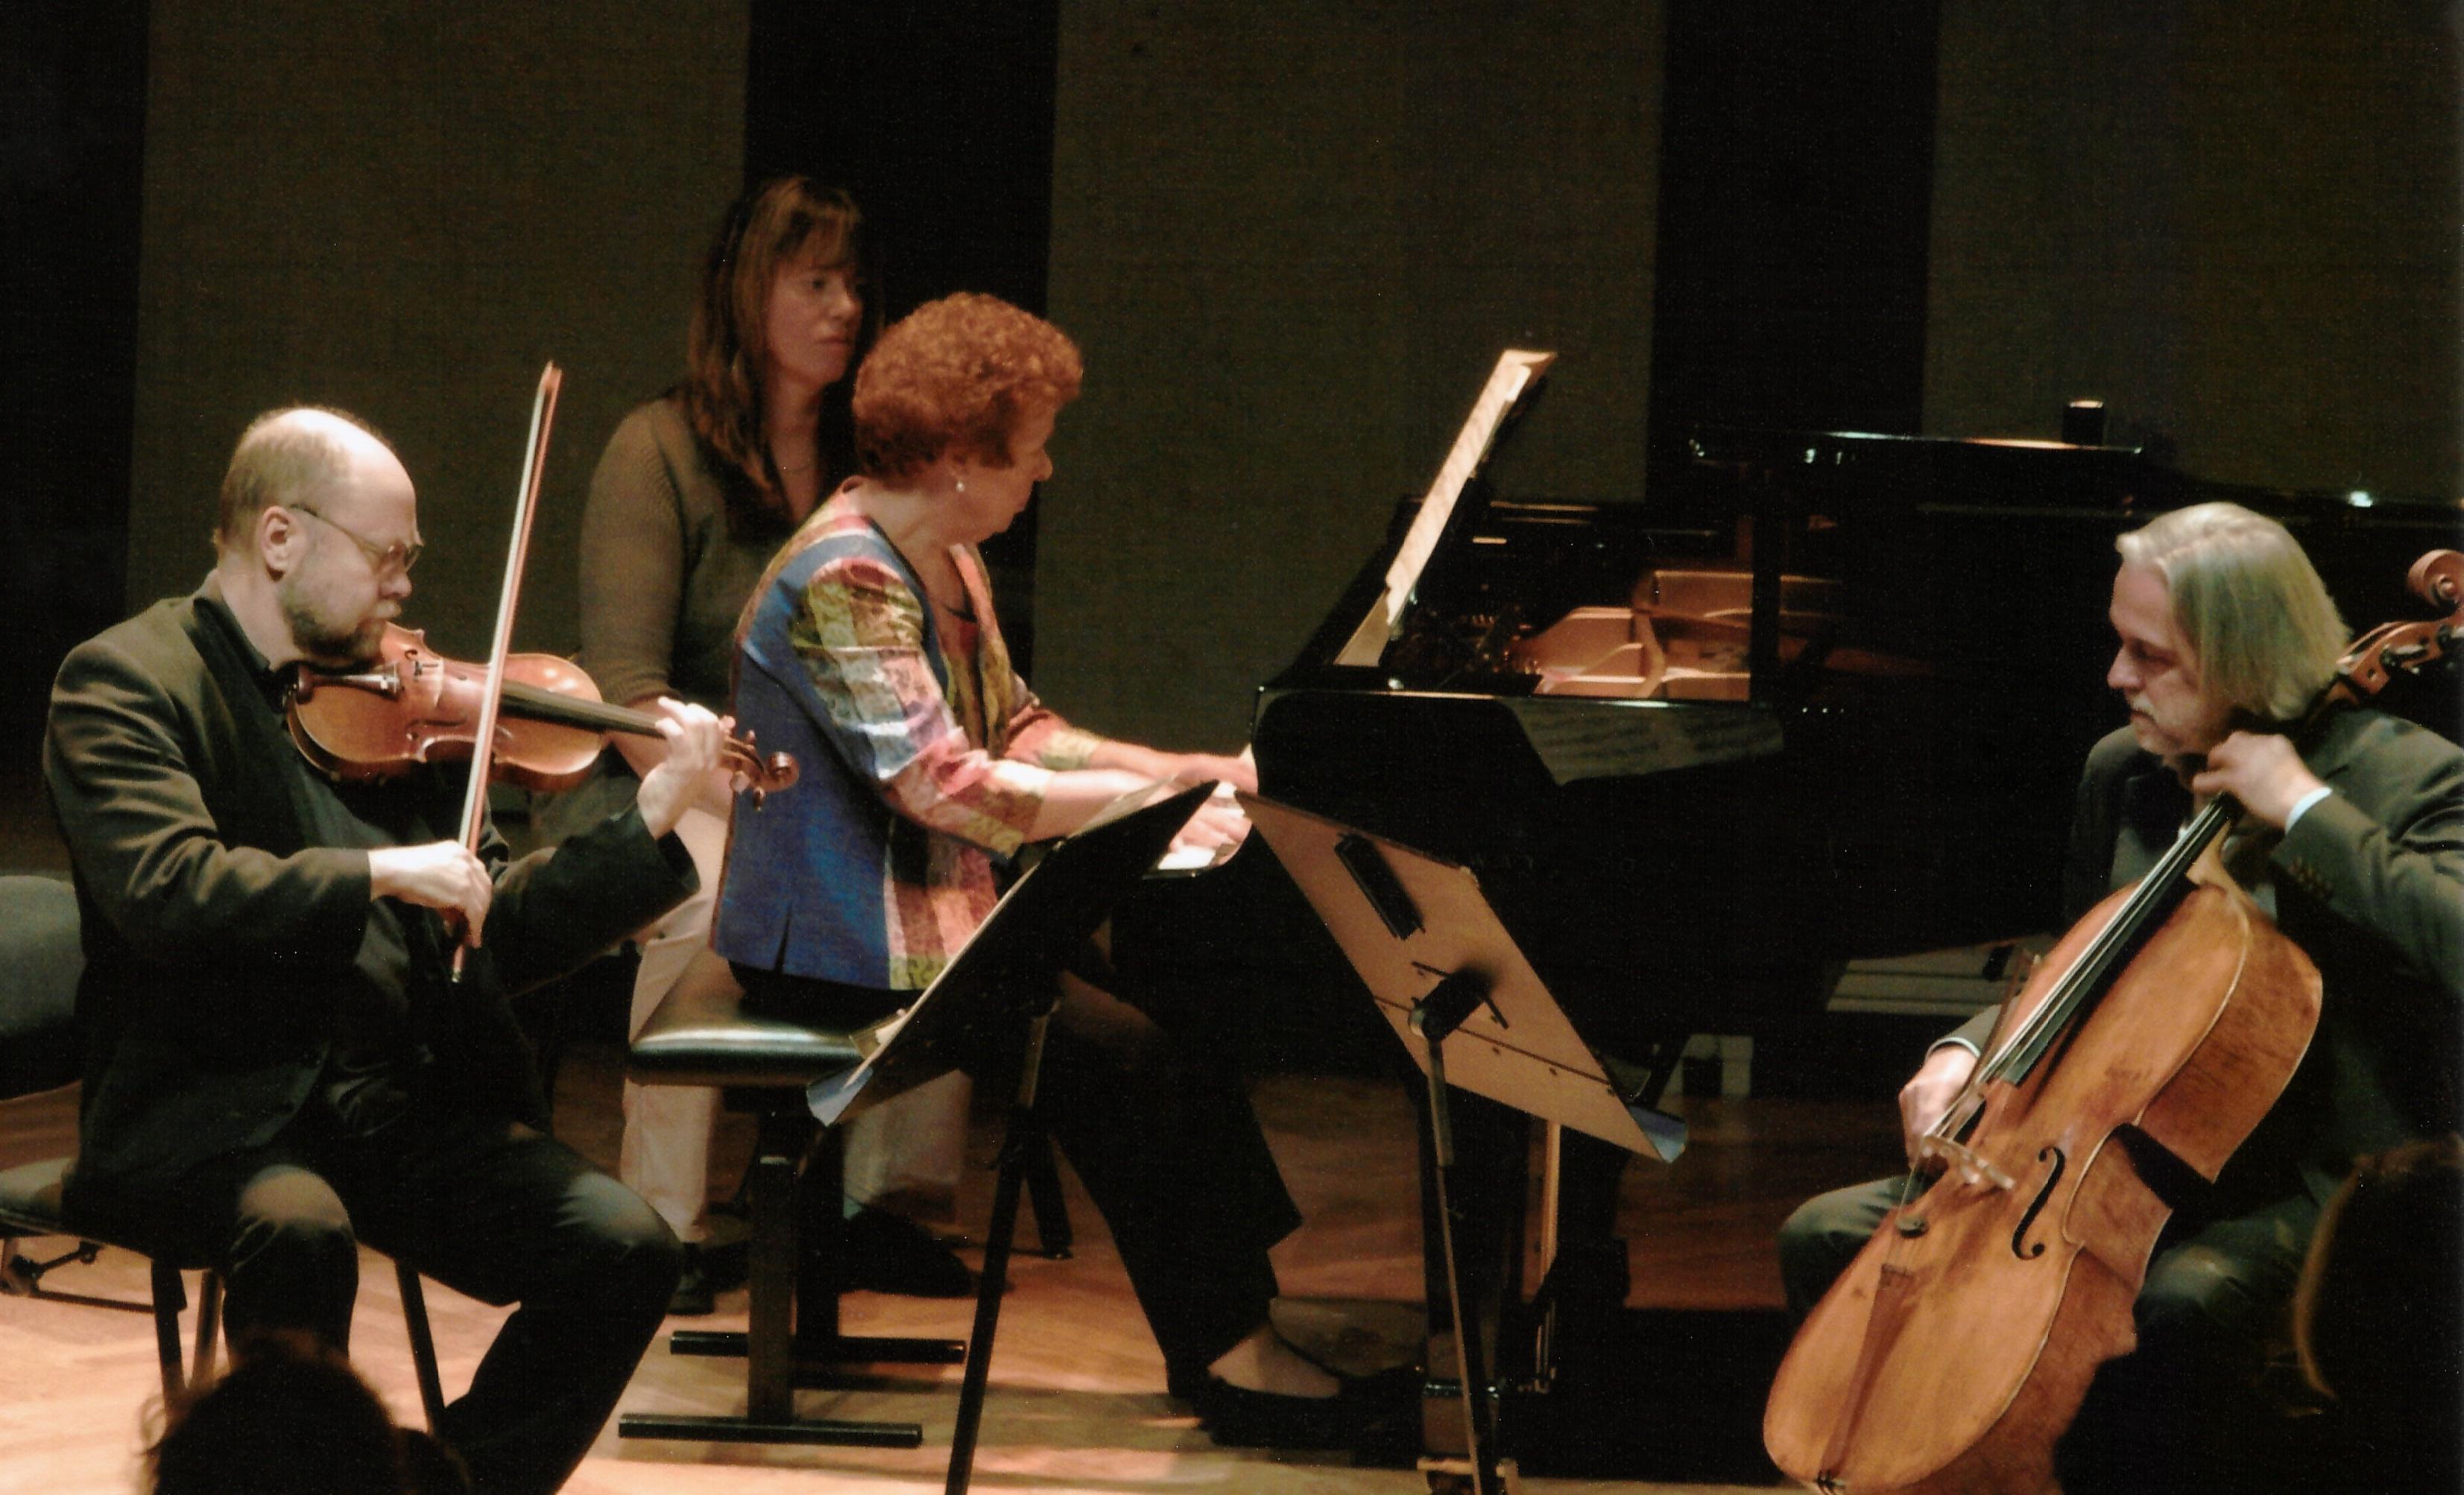 Magnus & Lucia & Elemér &Tjaikovskij